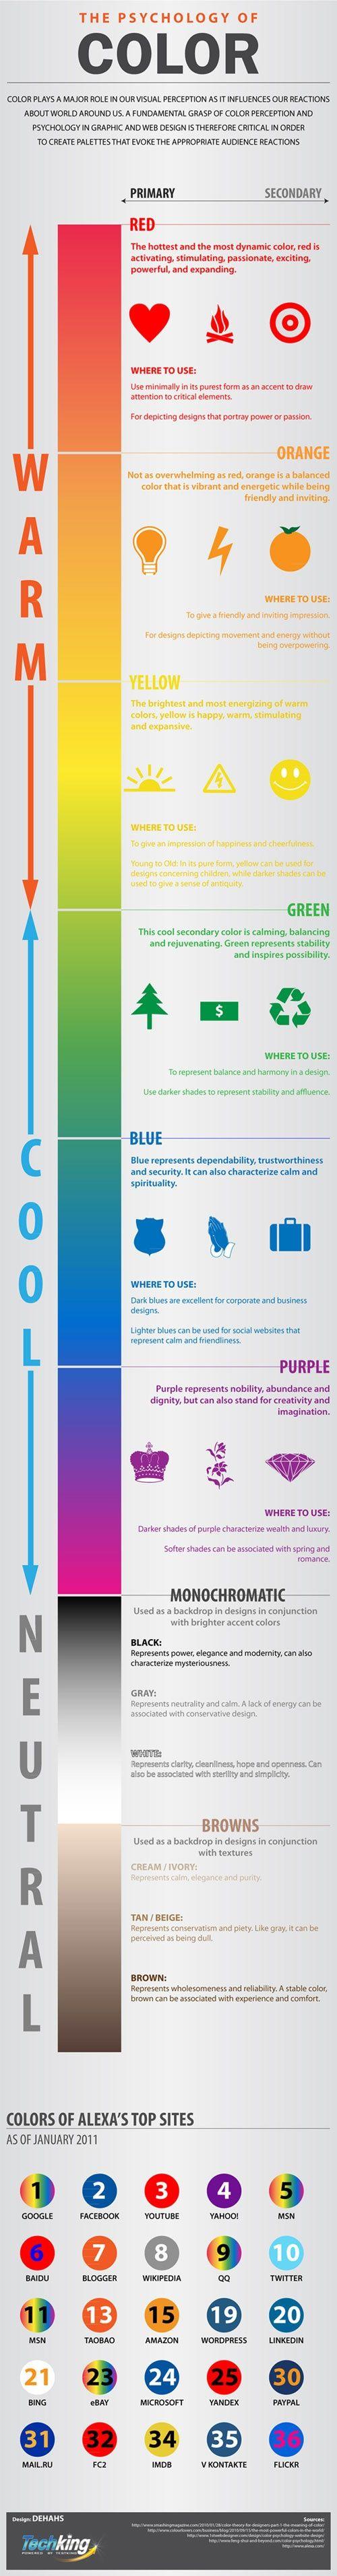 UX/UI Design / The Psychology of Color #design